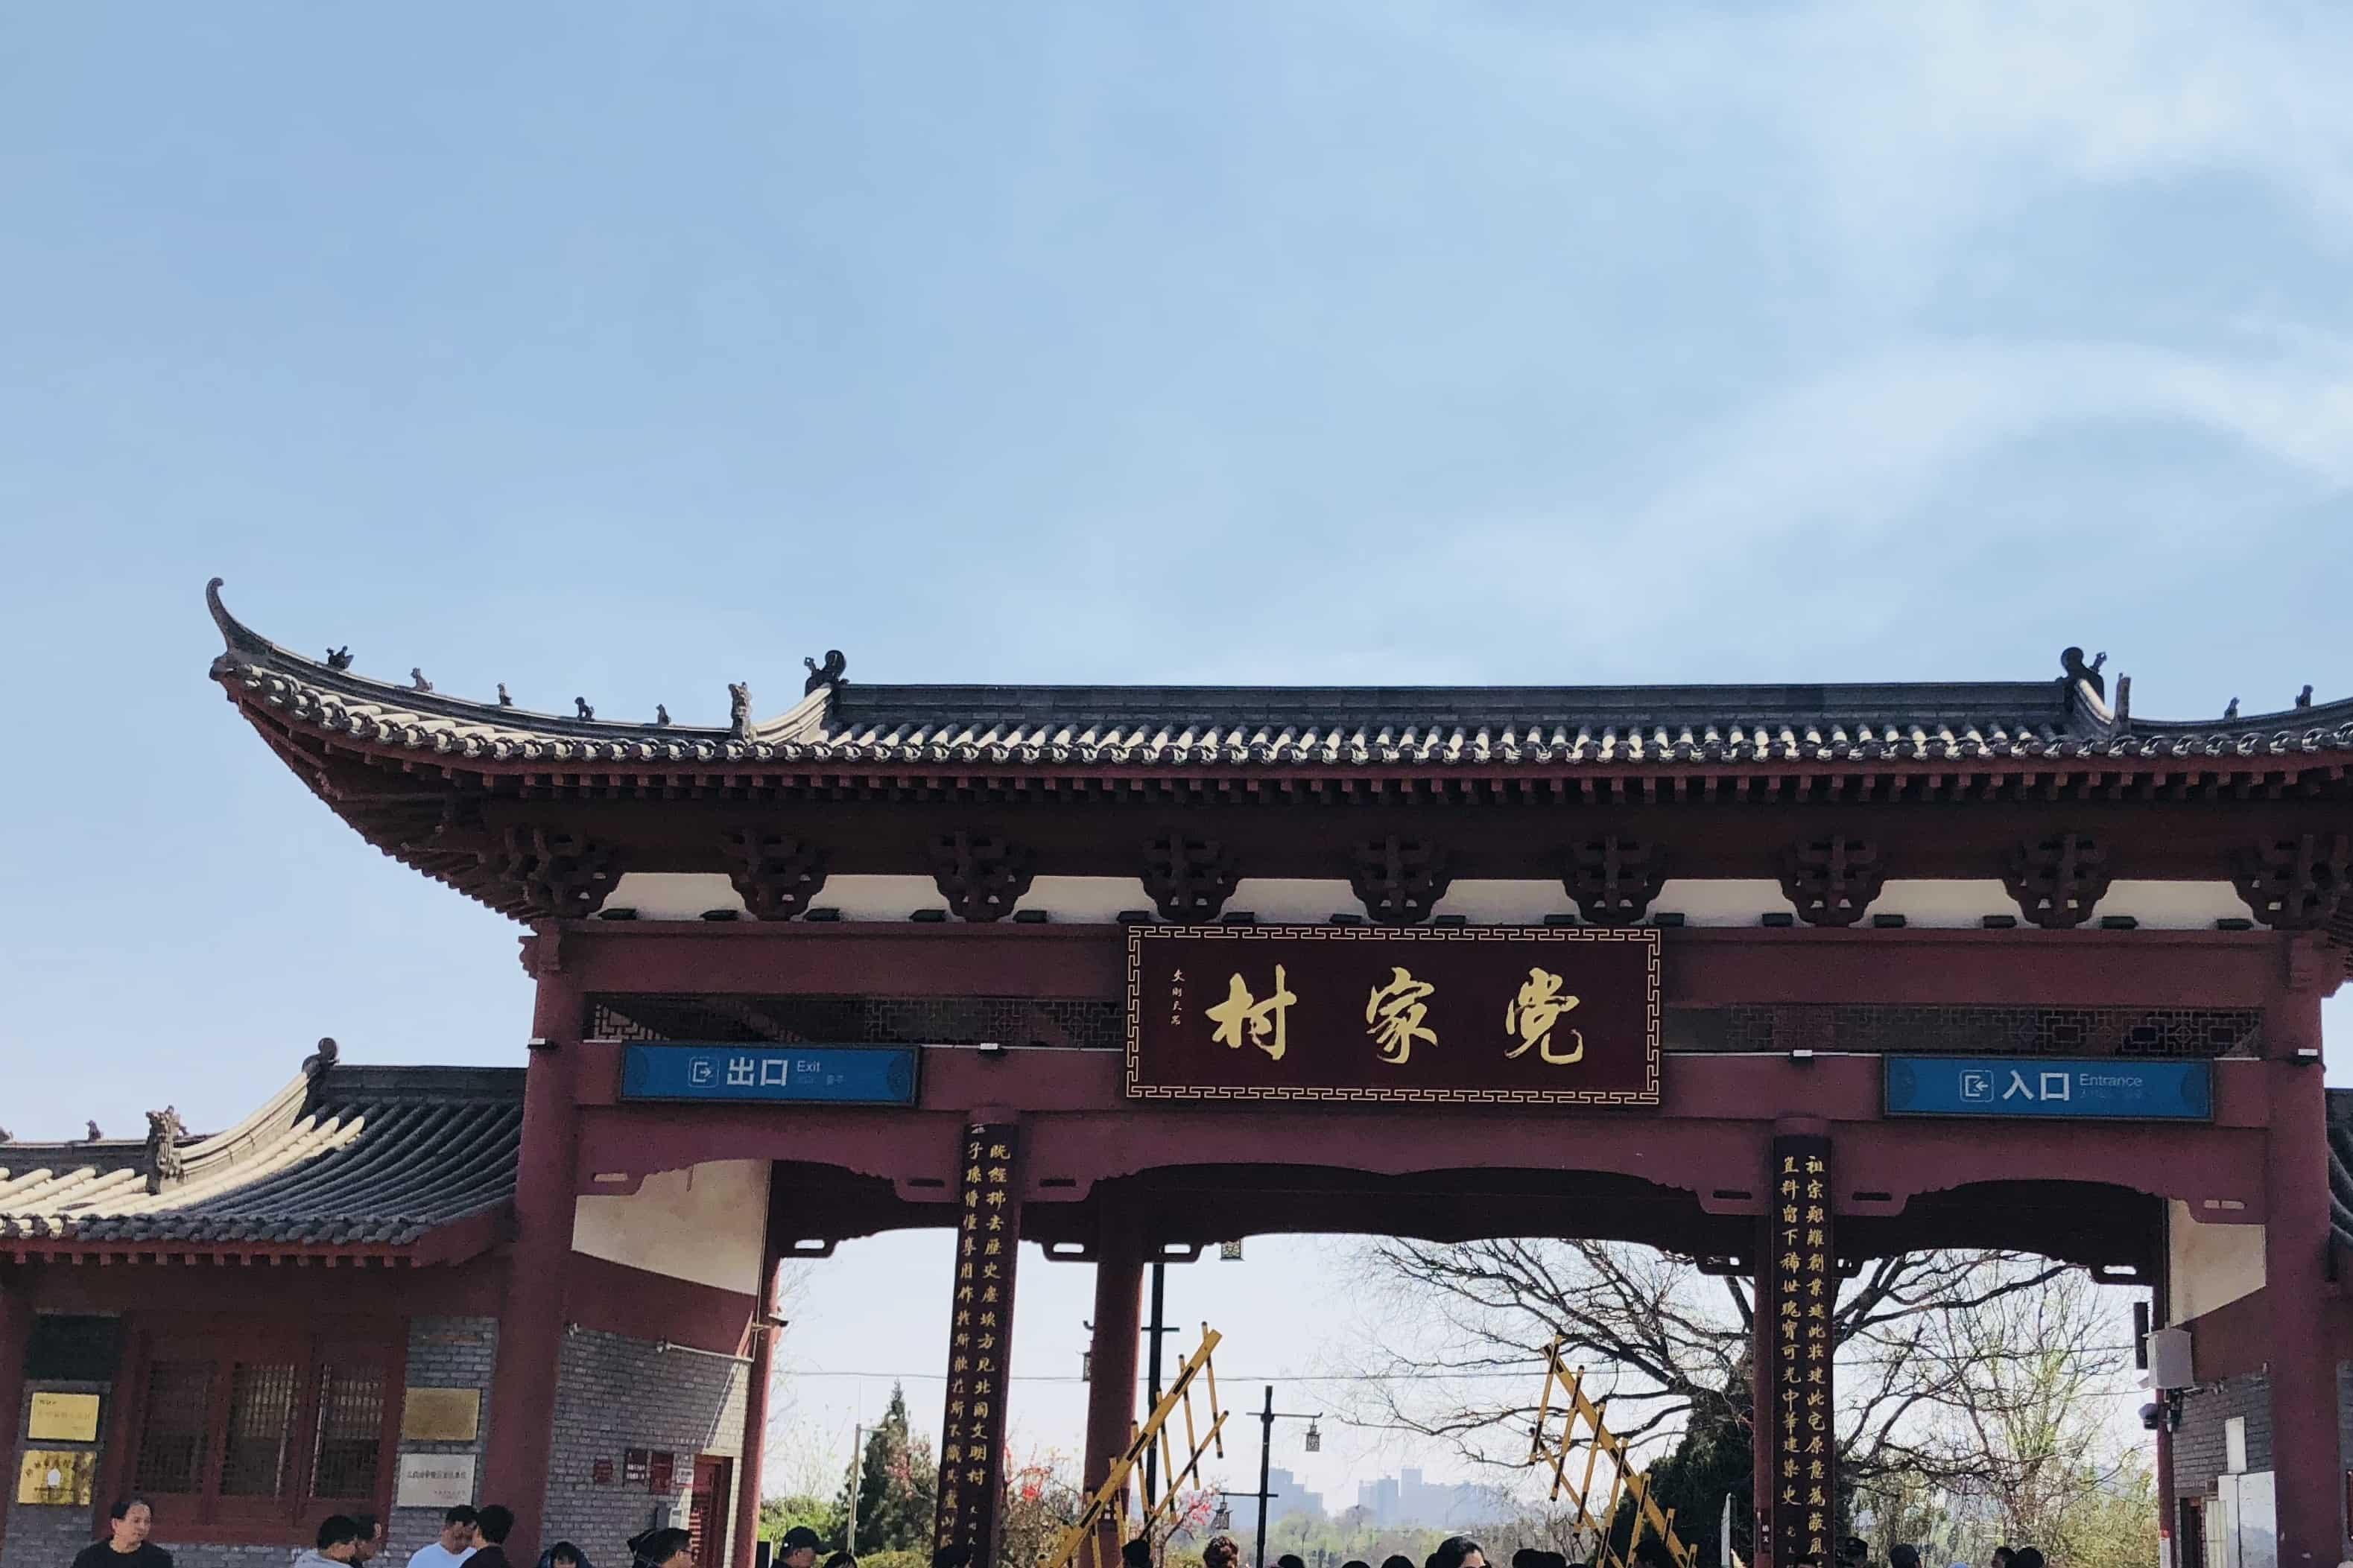 国内鲜为人知但值得一去的古镇-党家村韩城市